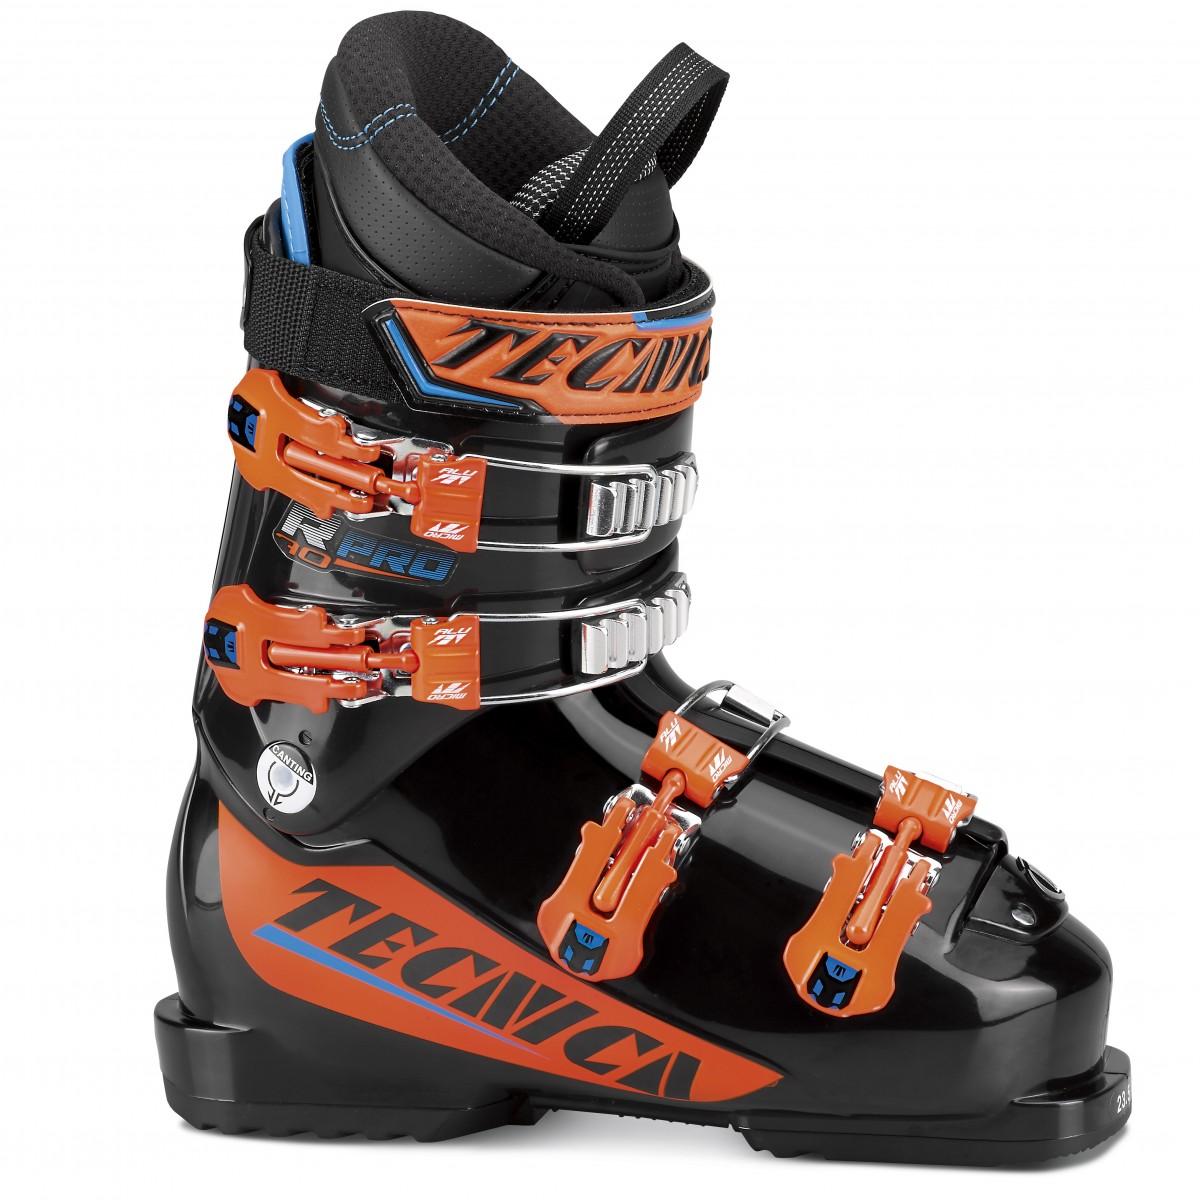 promo code 4444b bfb54 R Pro 70 - scarponi da sci junior